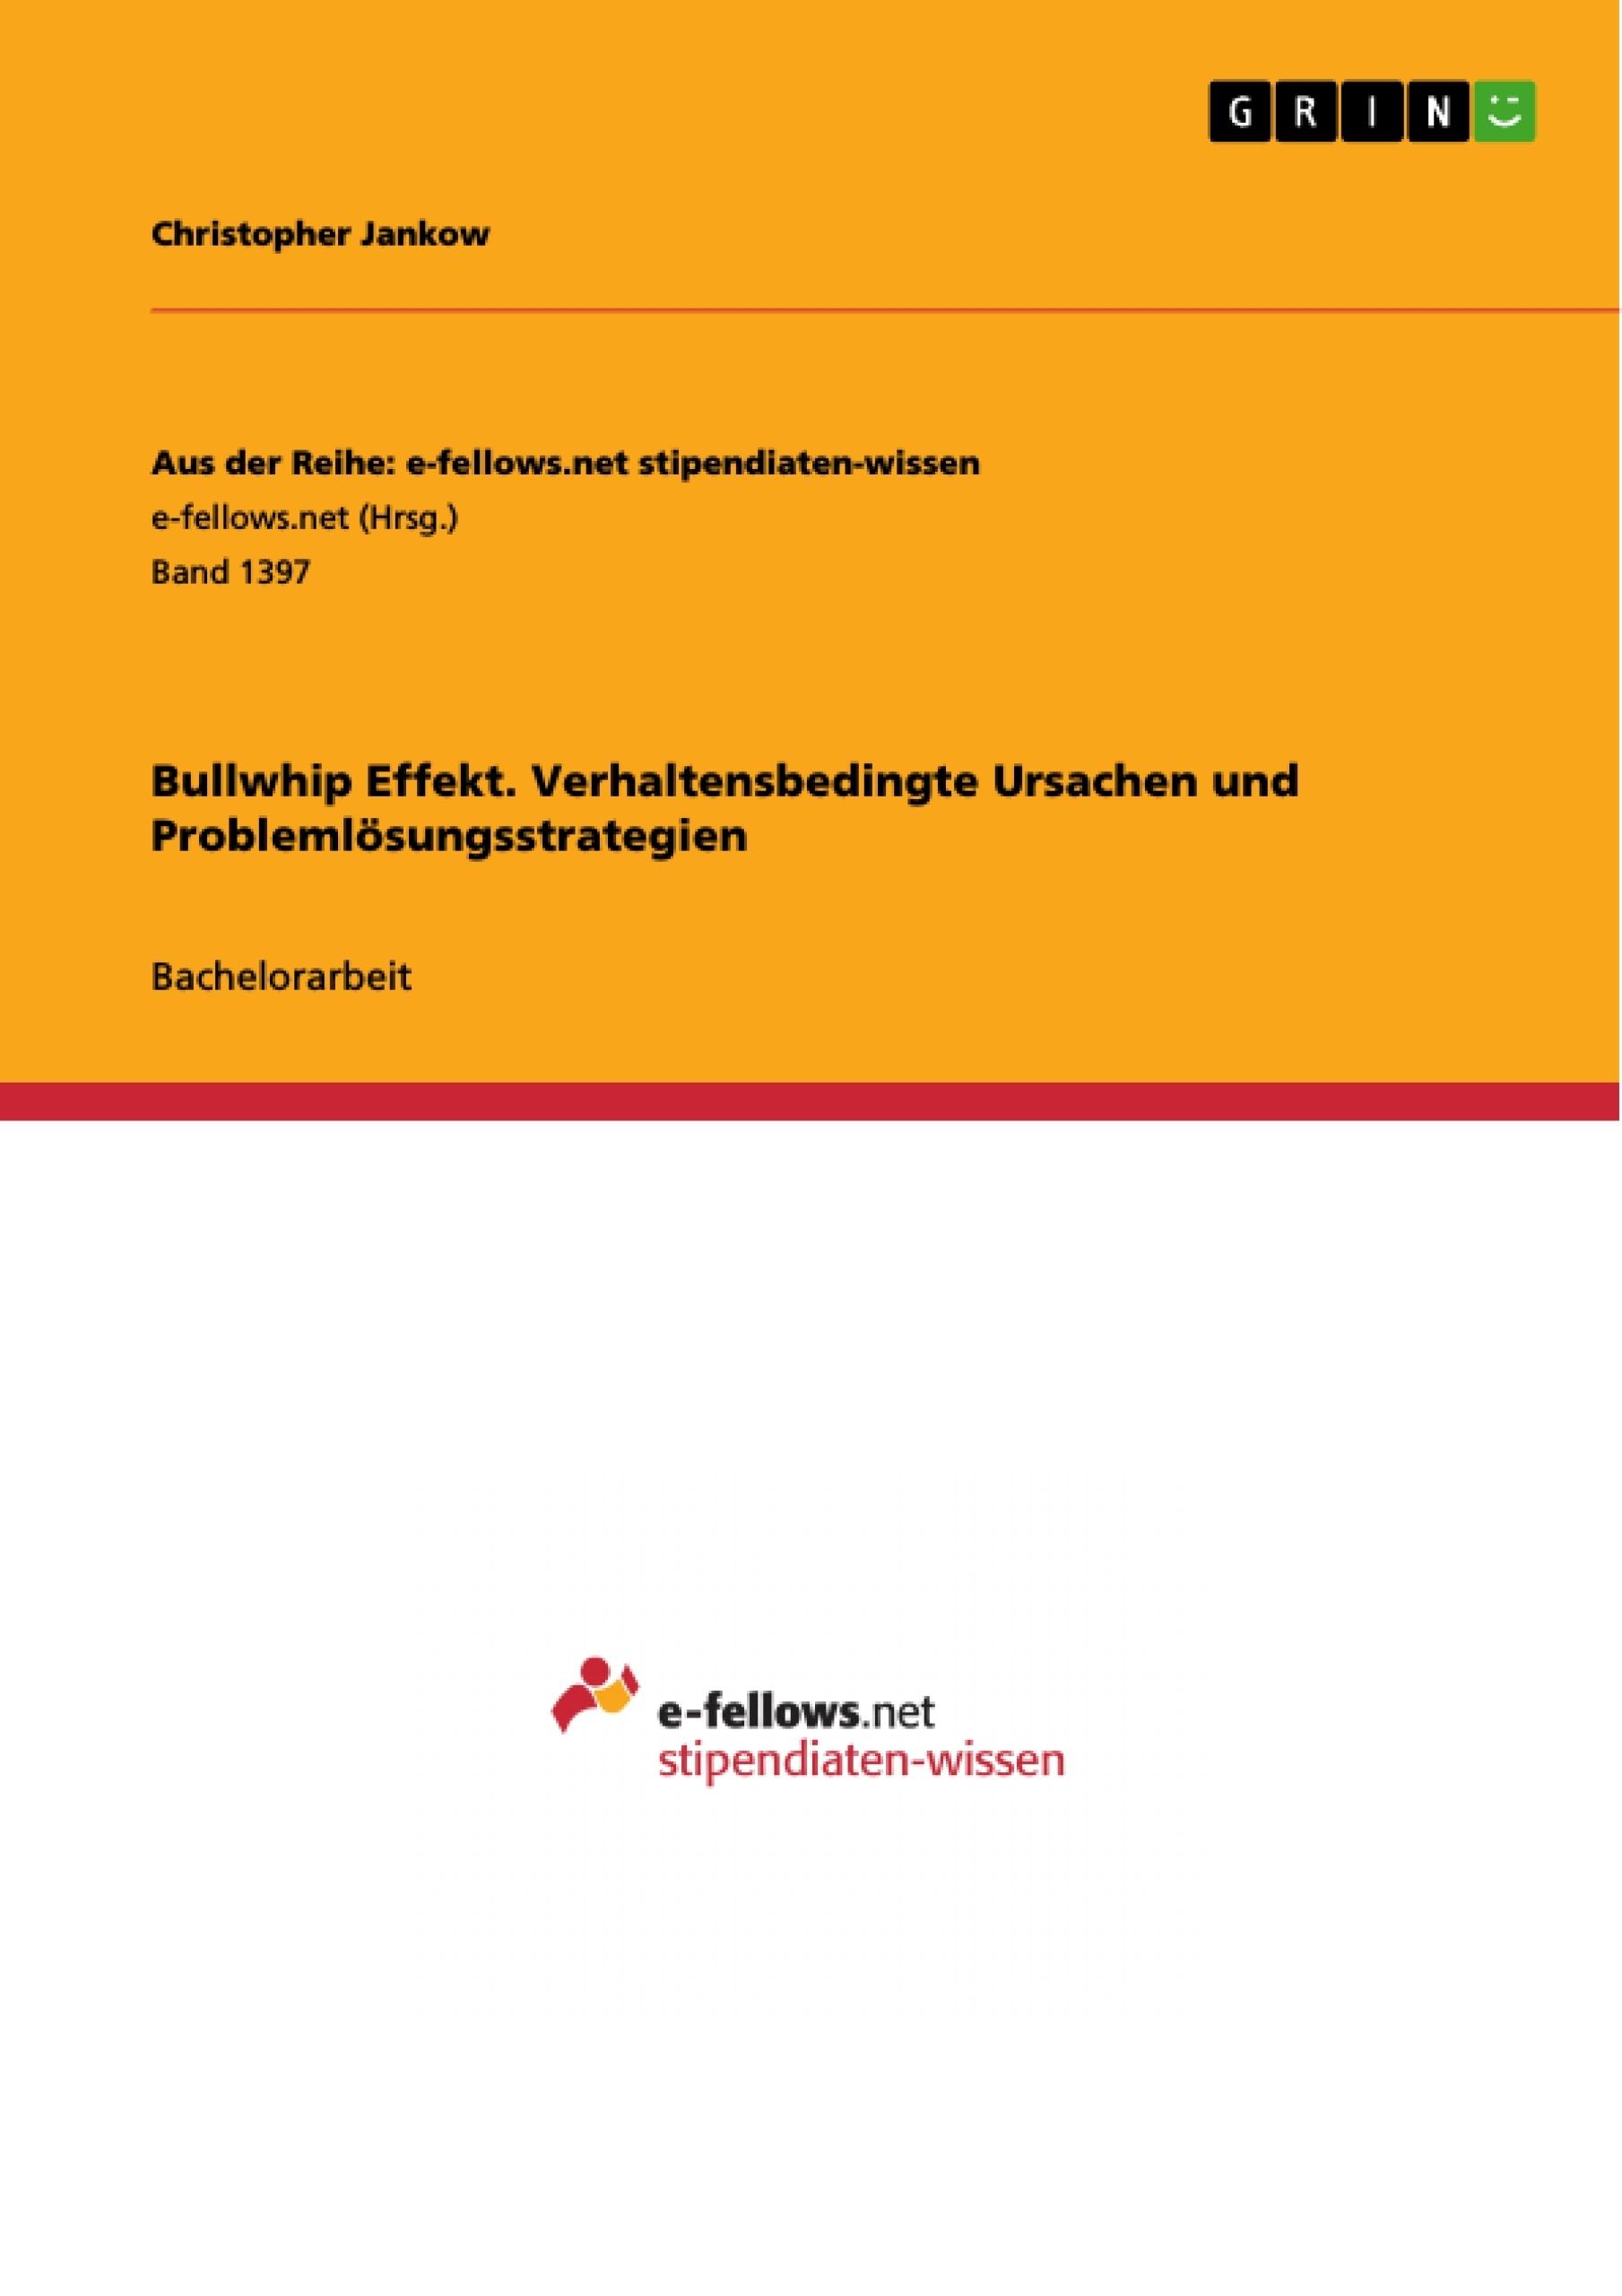 Titel: Bullwhip Effekt. Verhaltensbedingte Ursachen und Problemlösungsstrategien